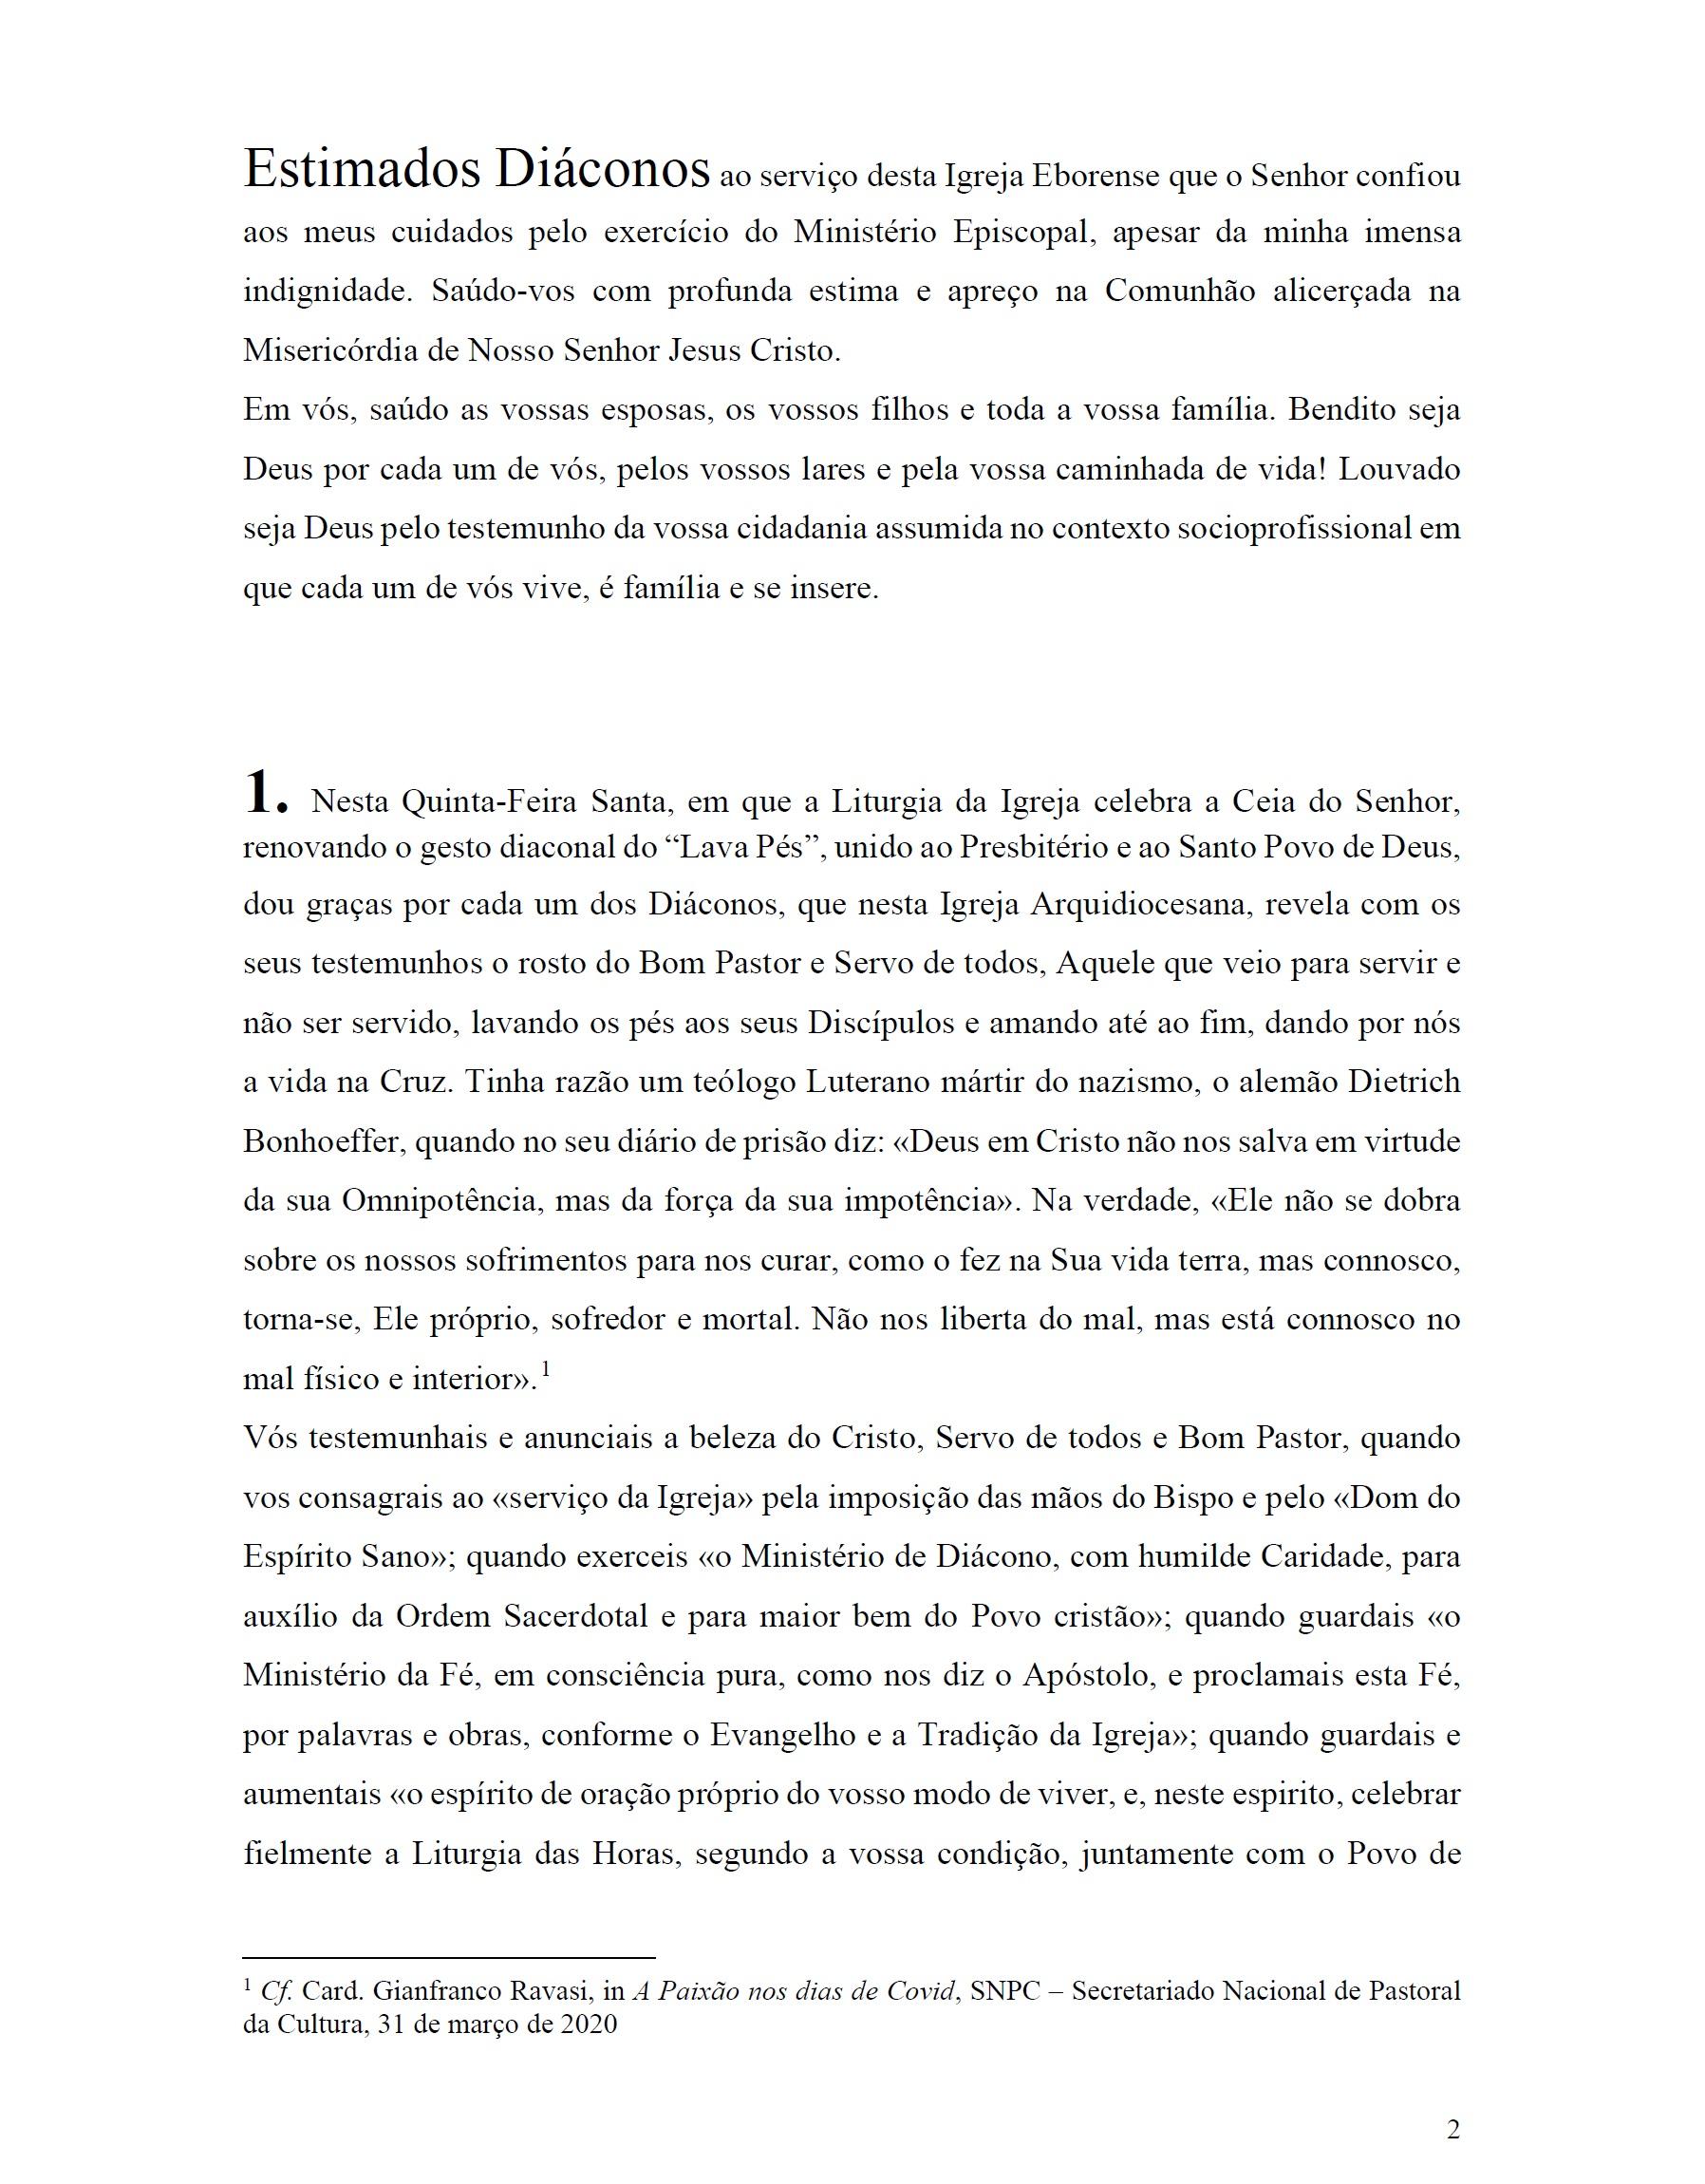 3 - Carta aos diáconos 03_04_2020_2